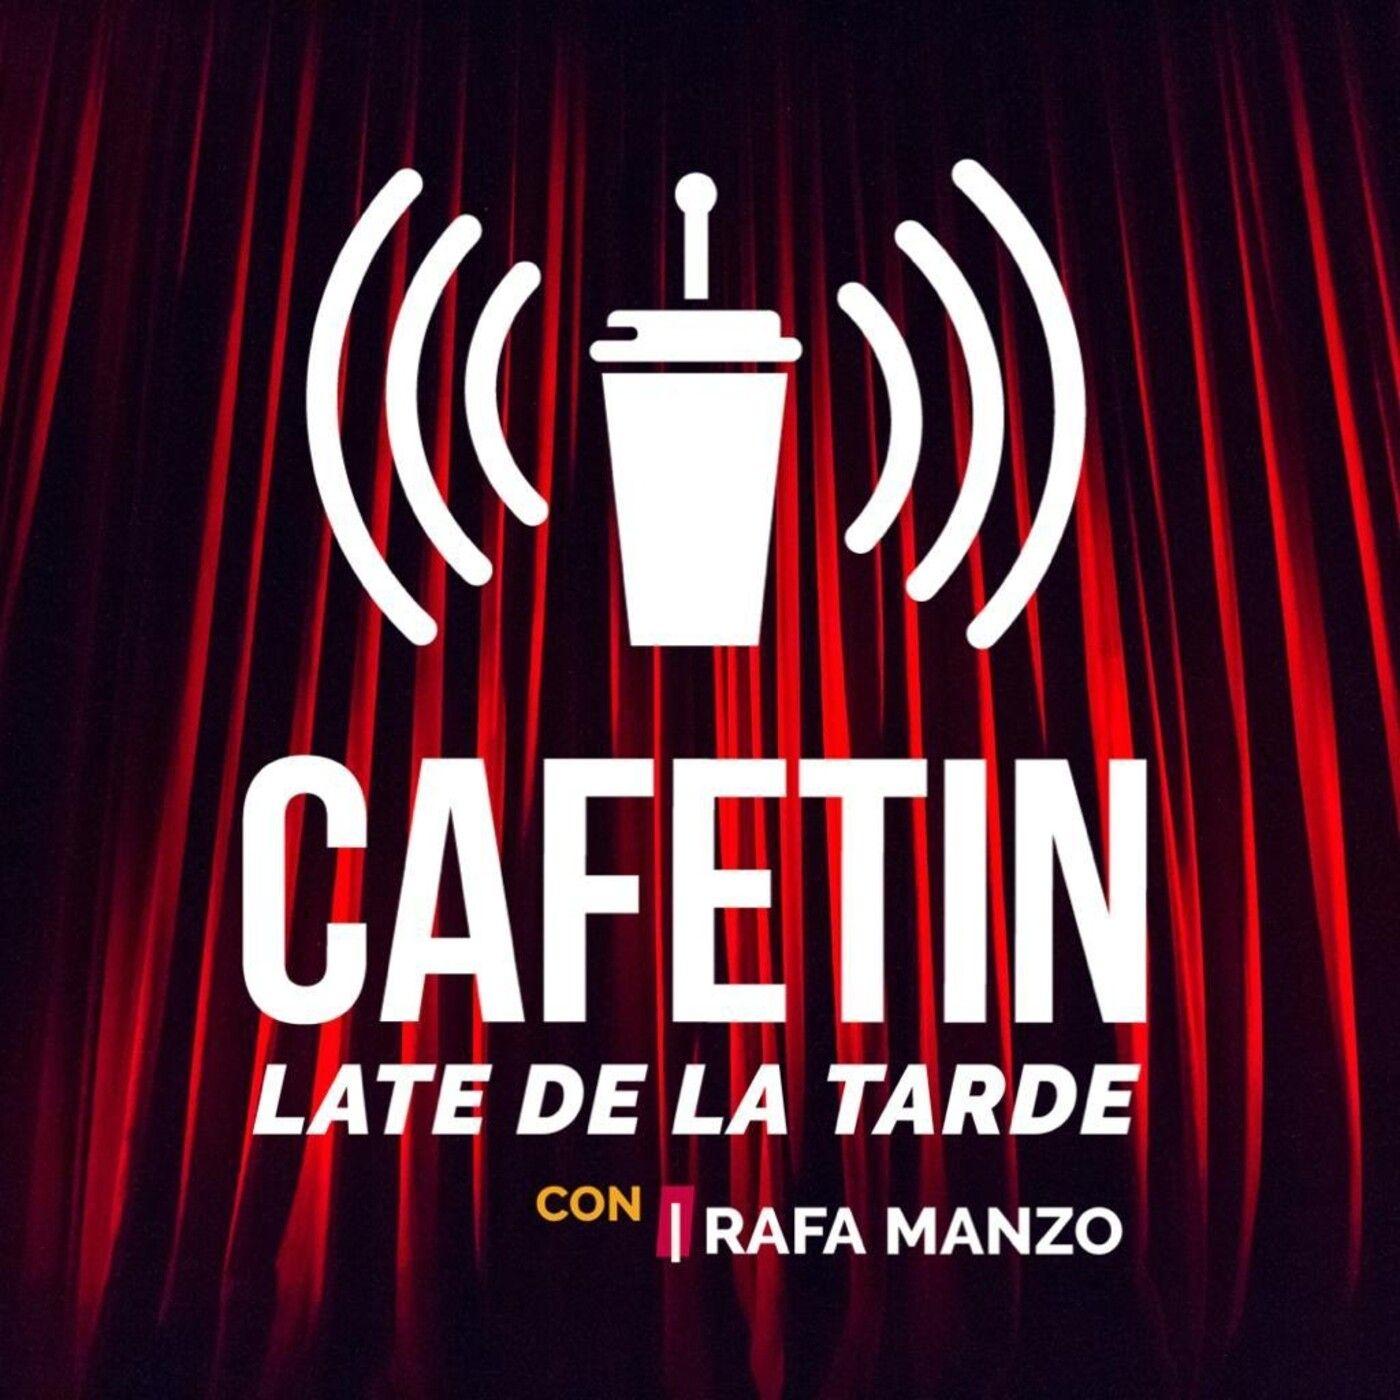 #Cafetín - Capítulo 89 - 02 FEBRERO 2021 #LECHU #GonzaloReyes #MonicaRojas #MAE